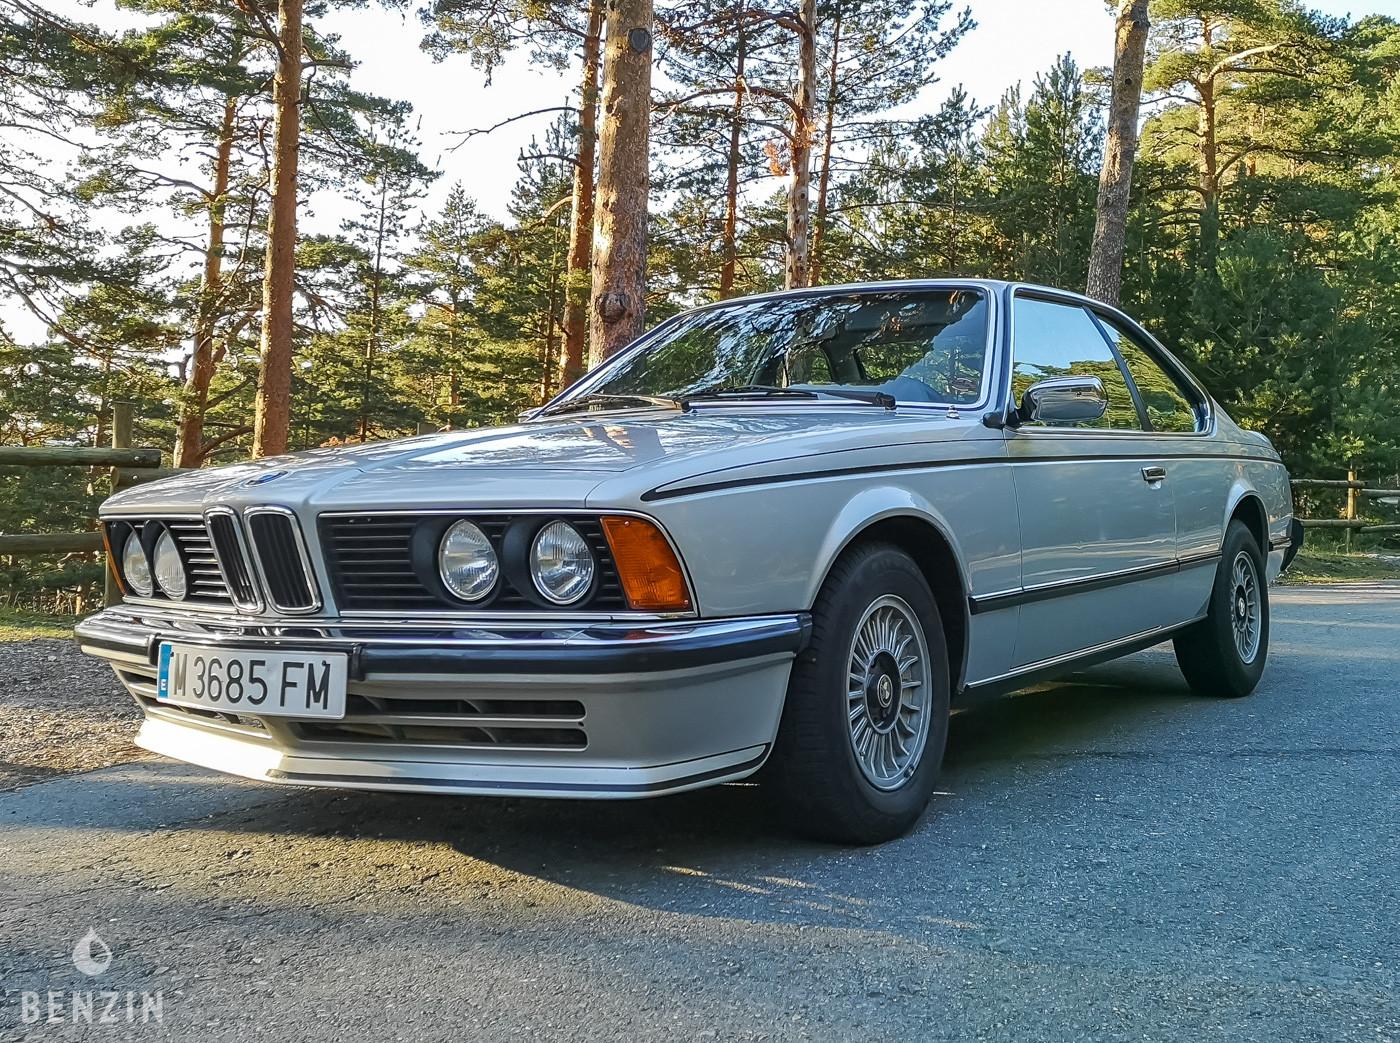 BMW 628 CSI e24 a vendre/ BMW 628 CSI to sell / BMW 628 CSI verkaufen/ BMW 628 CSI en venta